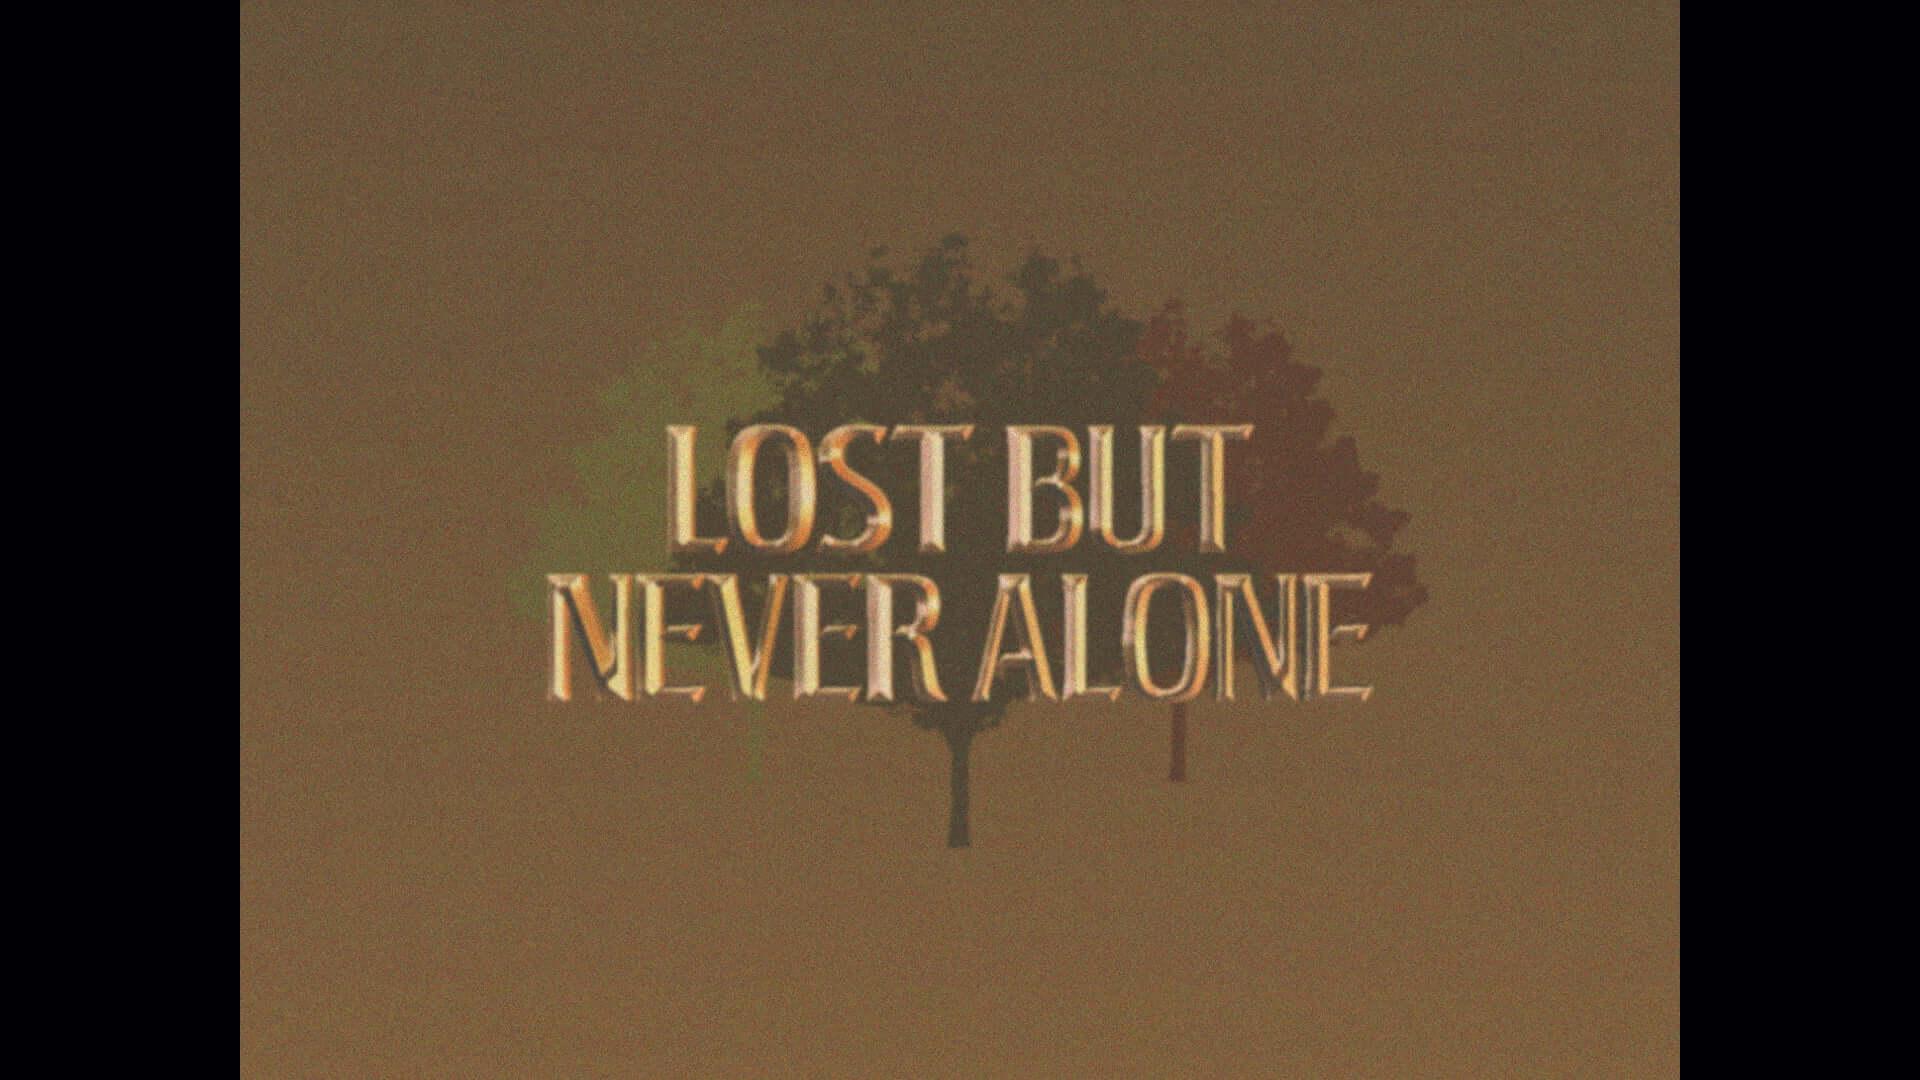 """Oneohtrix Point Never最新作より""""Lost But Never Alone""""のMVが公開!〈WARP〉の特別キャンペーンも実施中 music201113_opn_2-1920x1080"""